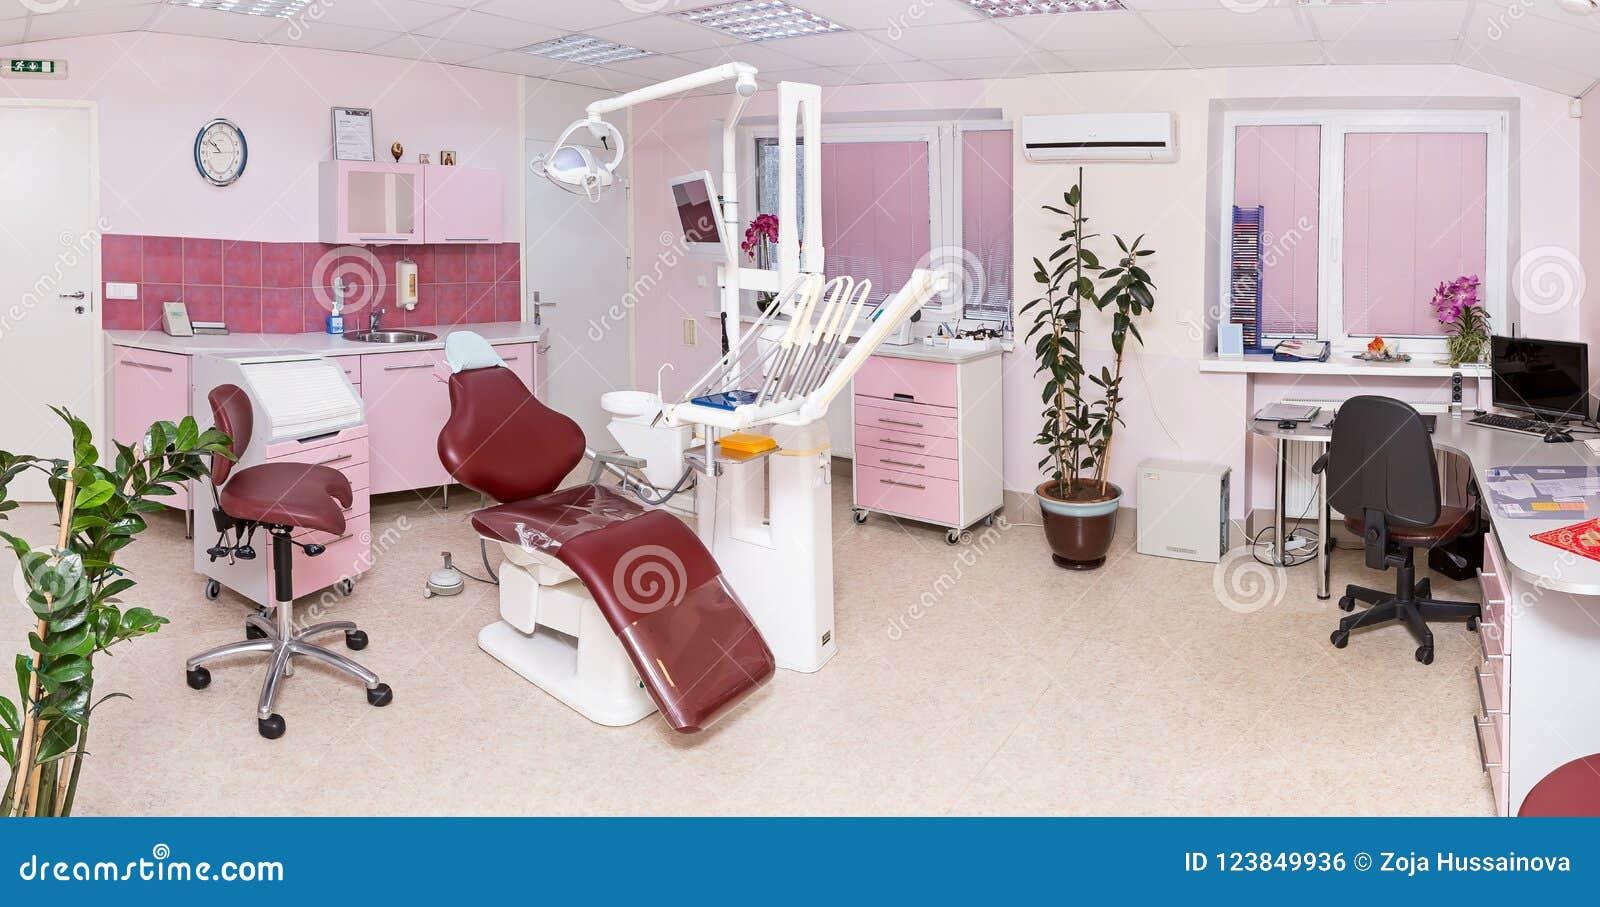 Εσωτερικό στοματολογίας της σύγχρονης οδοντικής κλινικής με τον επαγγελματία